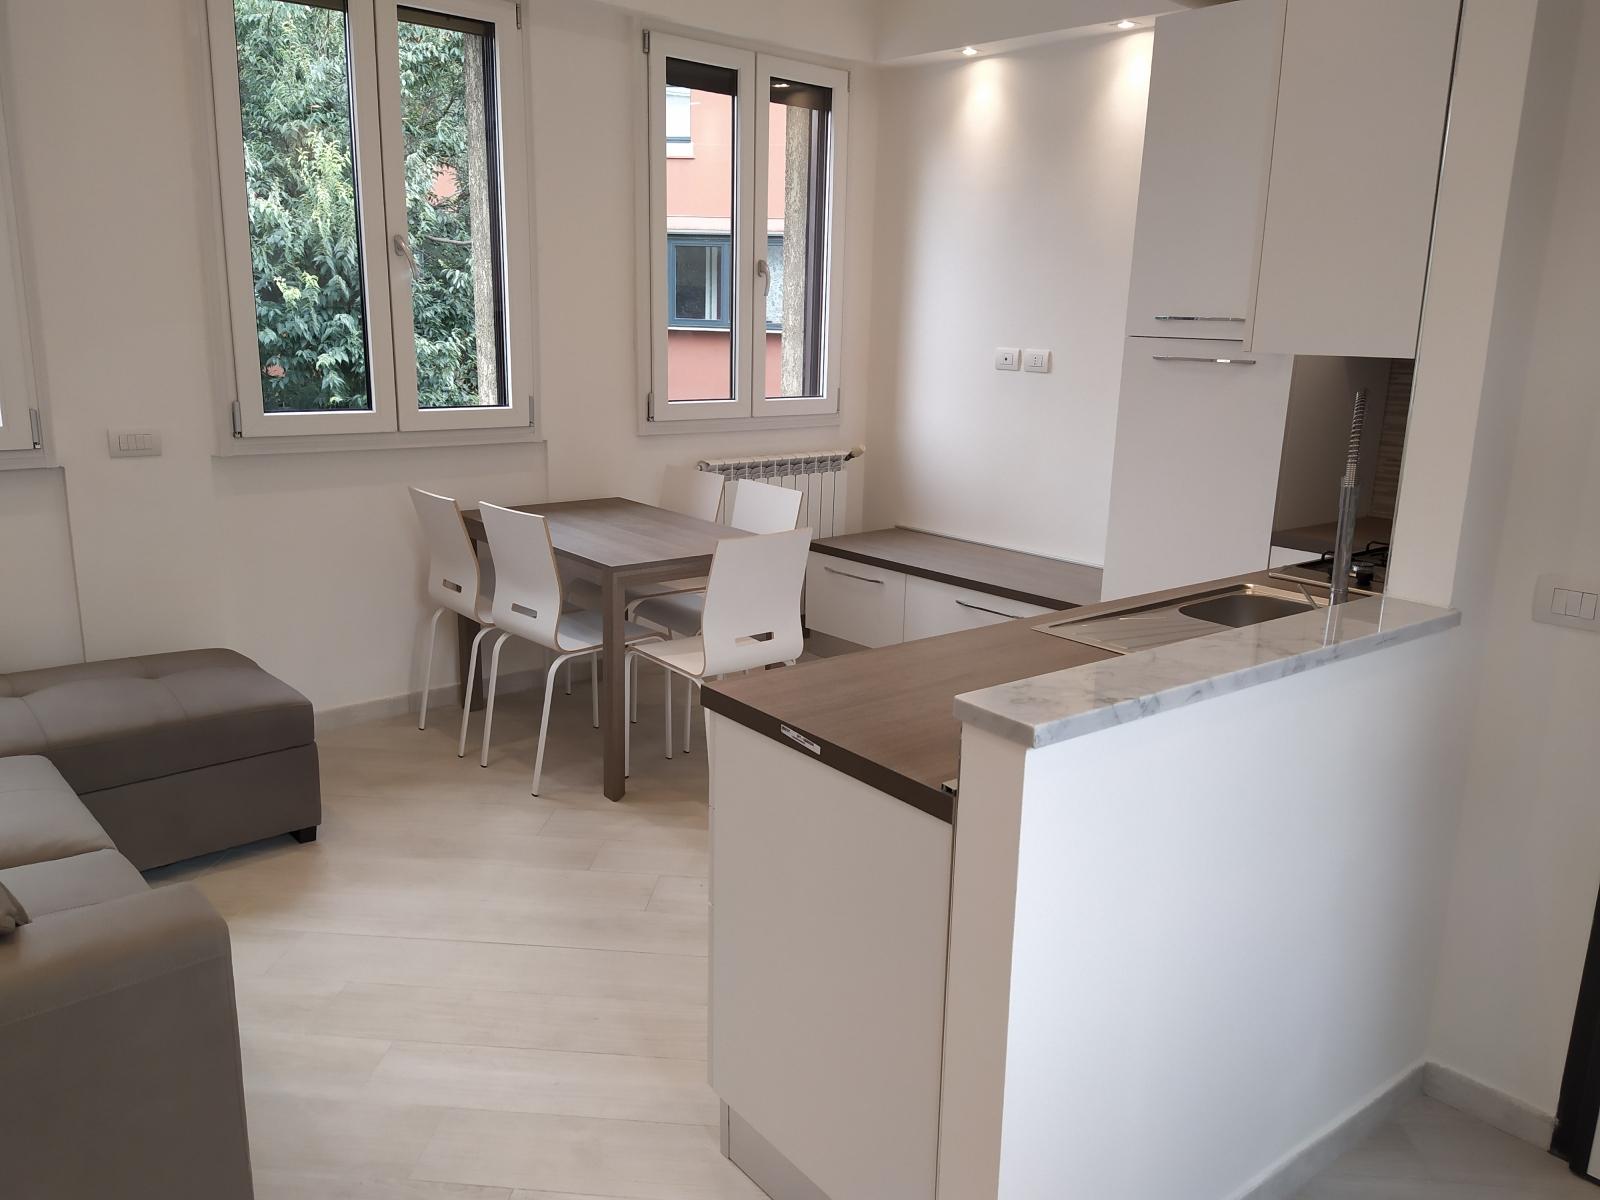 appartamento-in-vendita-milano-bovisa-piazza-dergano-3-locali-con-terrazzo-spaziourbano-immobiliare-vende-2